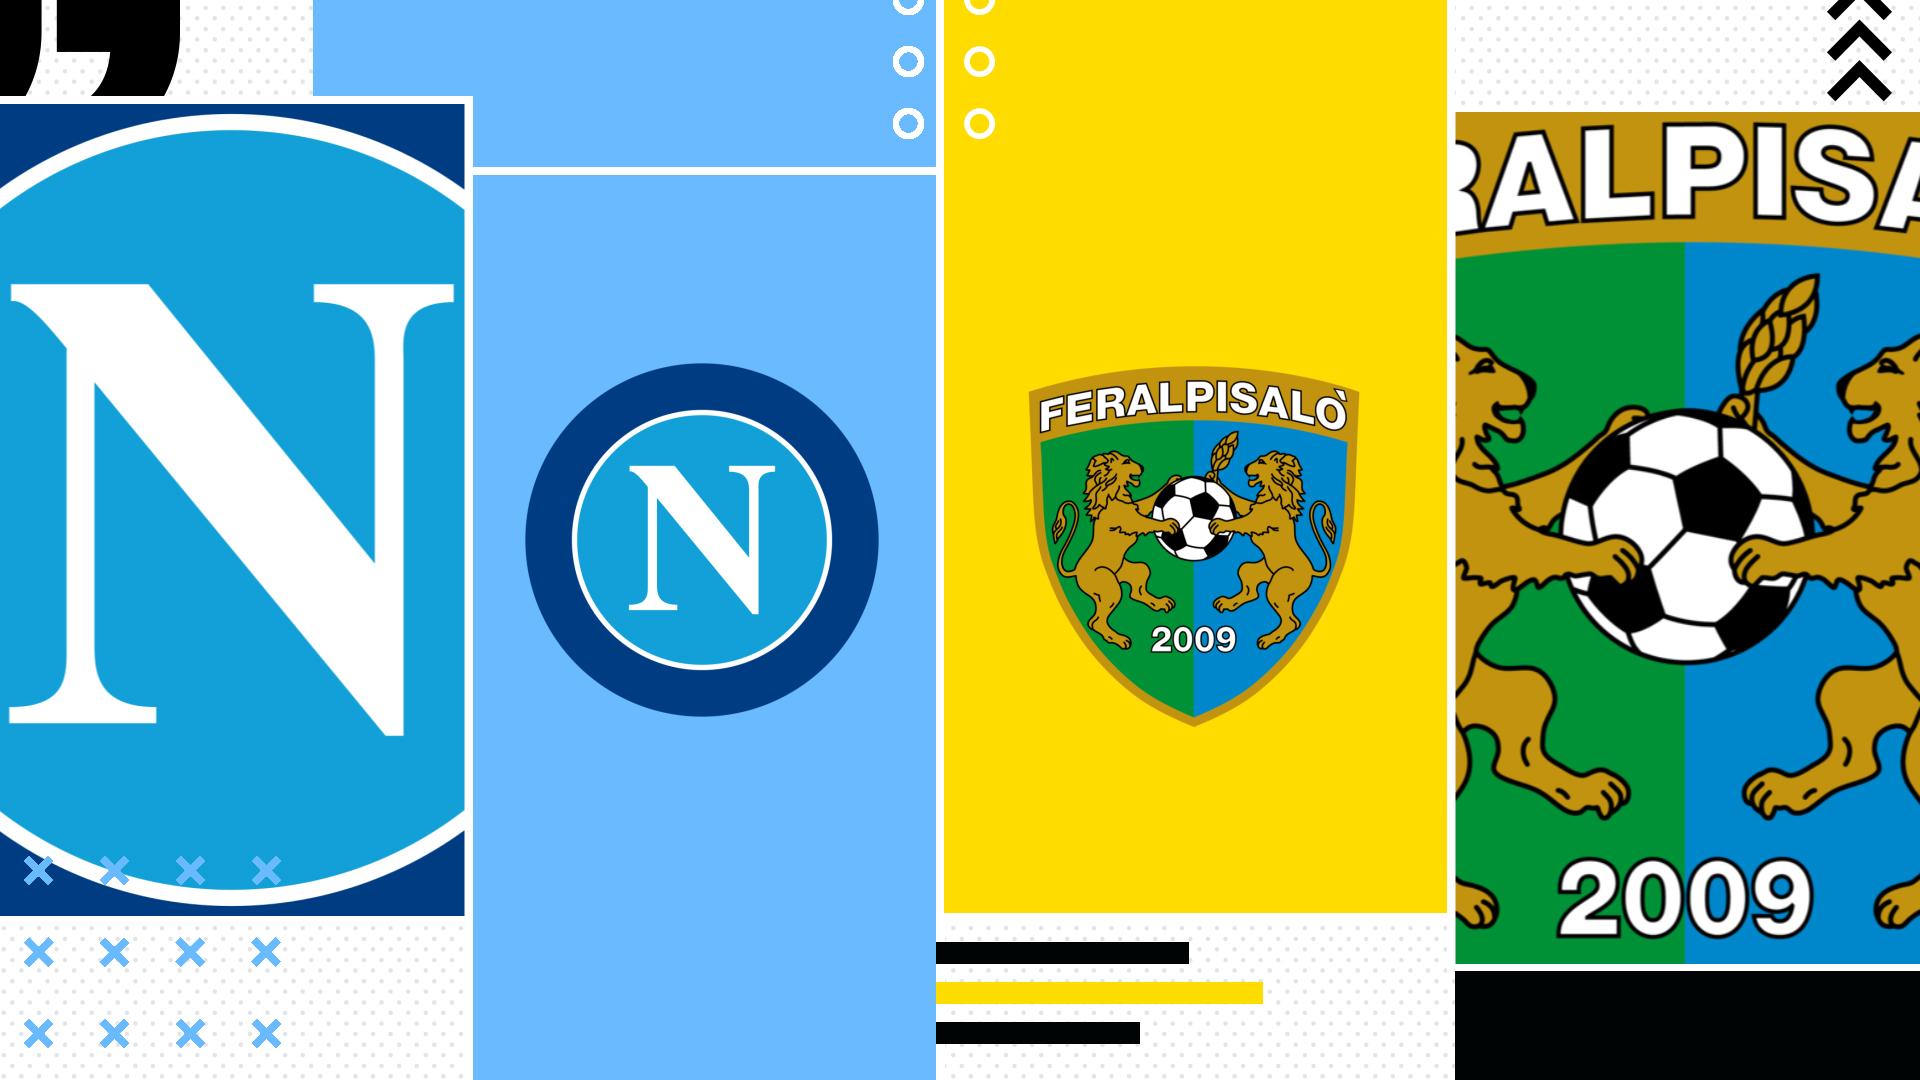 Napoli, 5 gol alla Feralpisalò: Manolas va a segno all'esordio